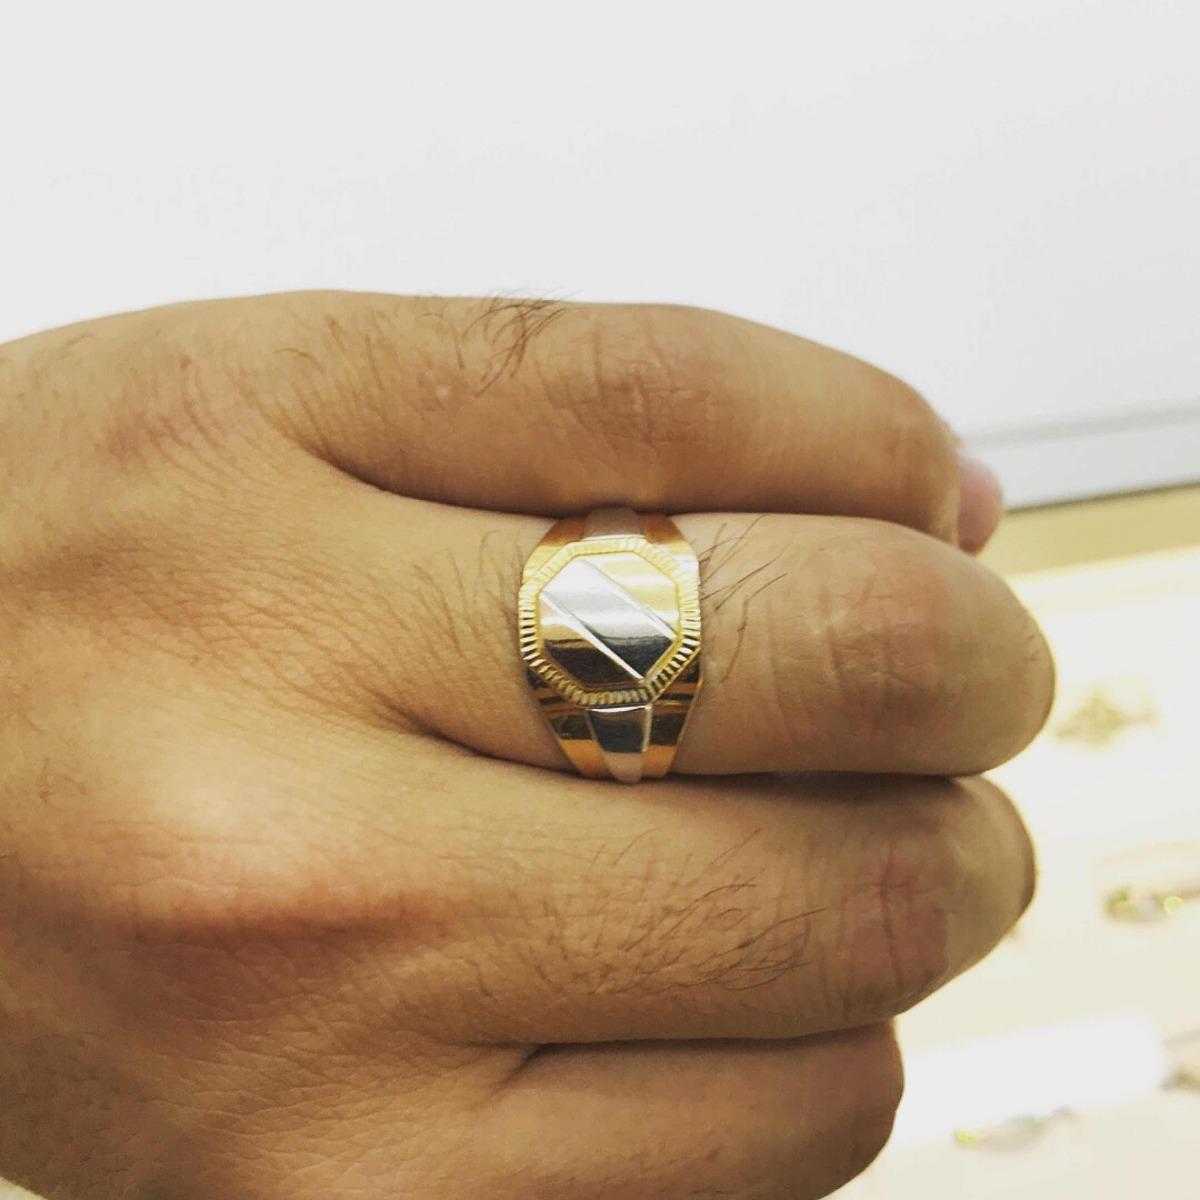 652d39cc751f anillo de oro 18k ley 750 italiano 3 oros garantía vitalicia. Cargando zoom.